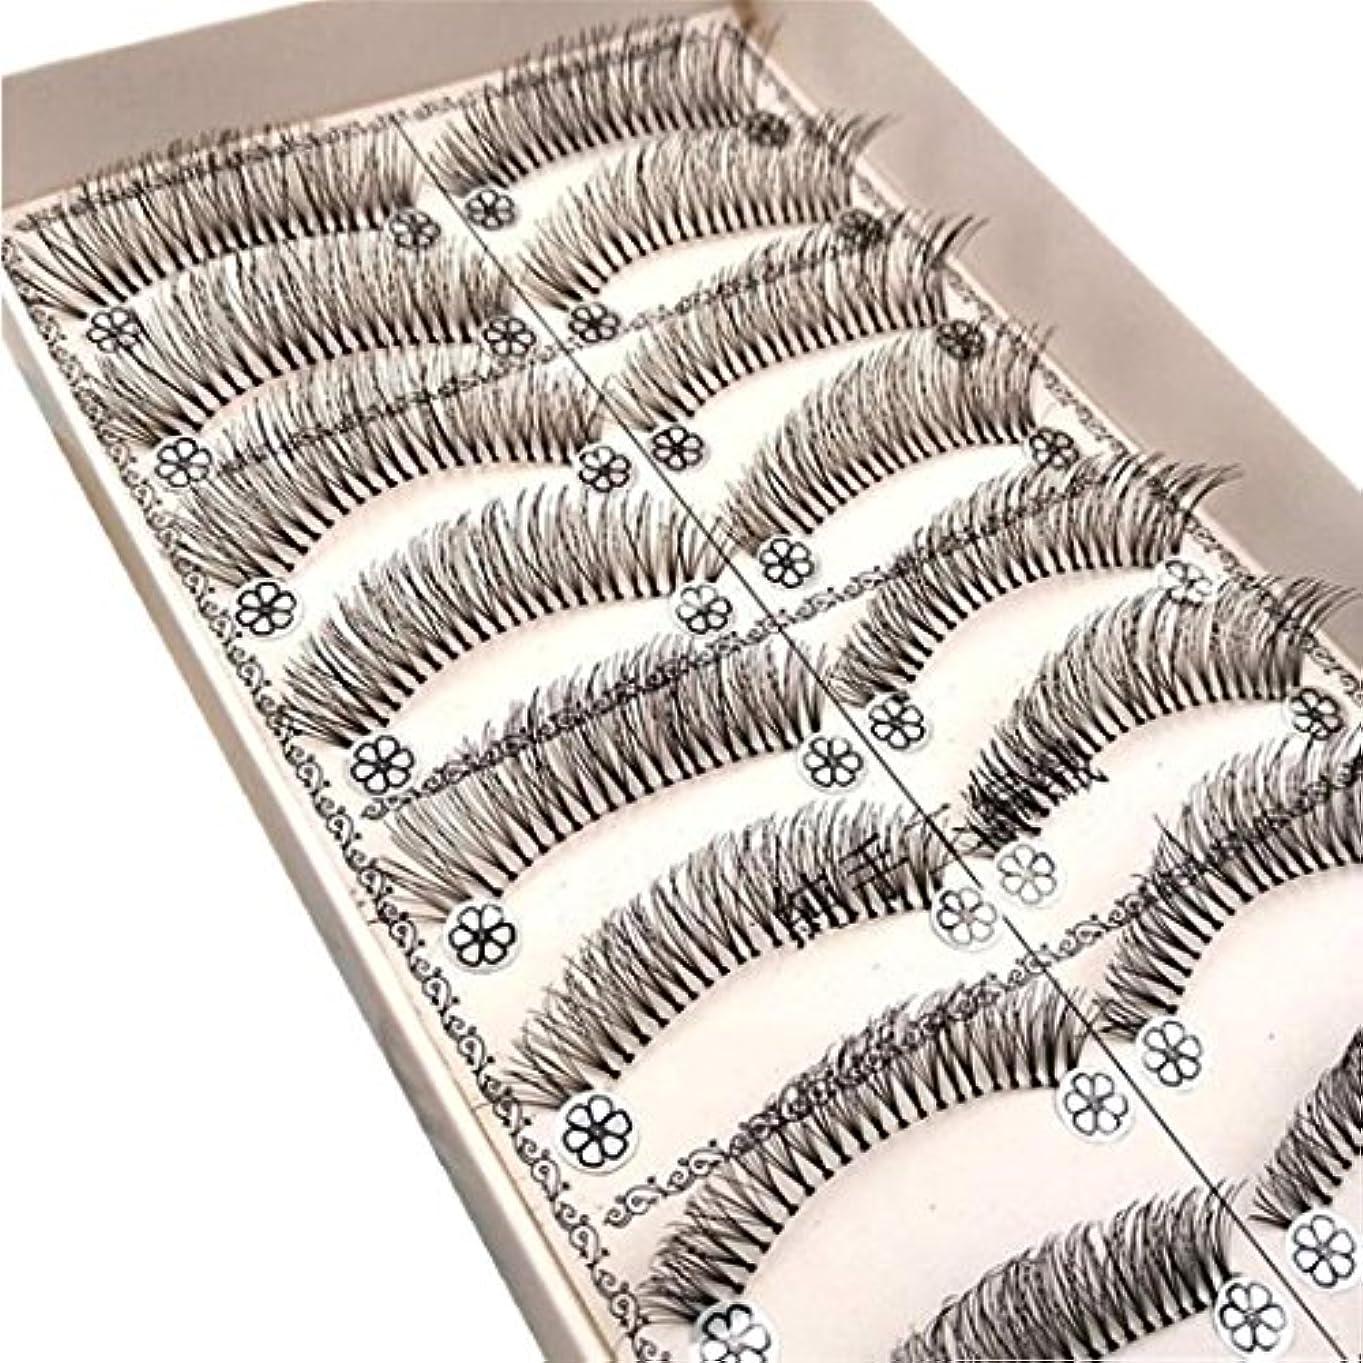 排出魔法効率的にFeteso 10組 偽のまつげセット つけまつげ 上まつげ Eyelashes アイラッシュ ビューティー まつげエクステ レディース 化粧ツール アイメイクアップ 人気 ナチュラル 飾り 再利用可能 濃密 柔らかい